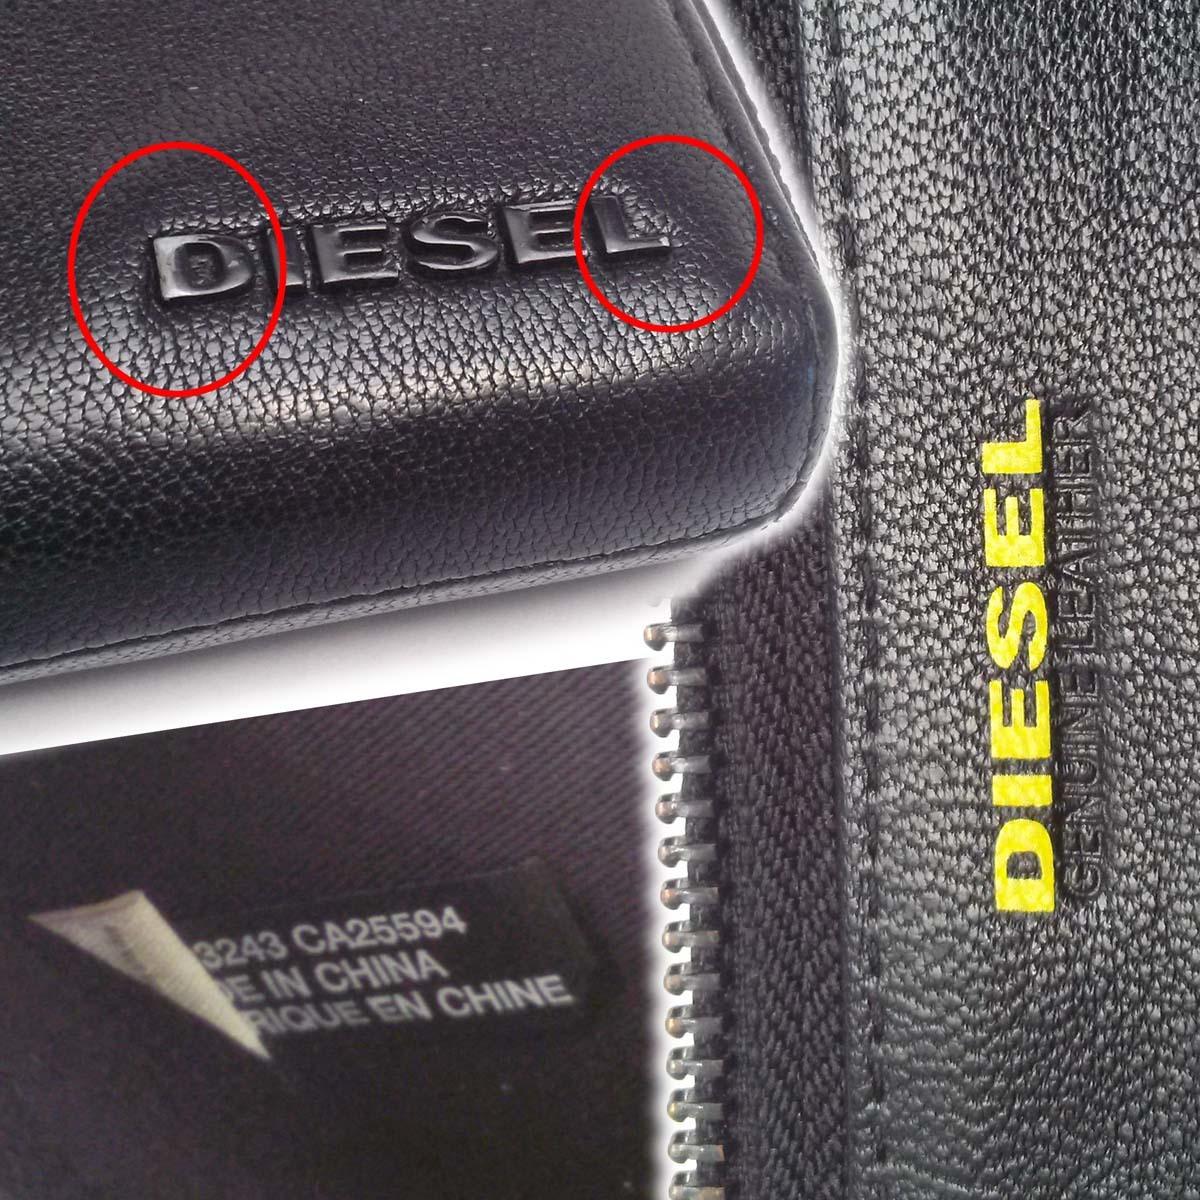 【美品】ディーゼル DIESEL ランウンドファスナー長財布 ブラック 黒 山羊革 メンズ X04458 appre6006【一撃即決】_画像9